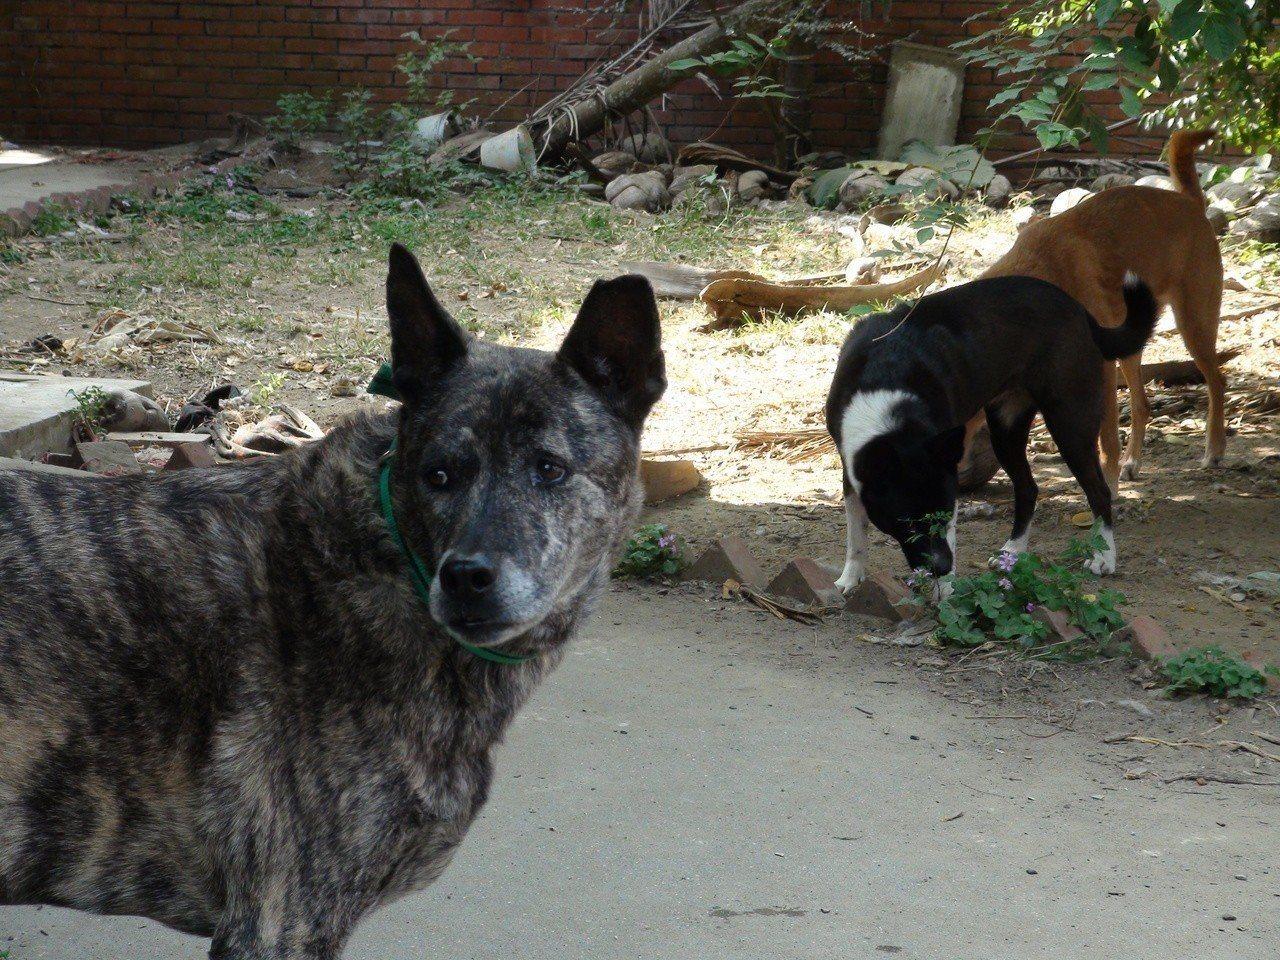 雲林縣今年3月起至12月15日擴大補助犬貓絕育活動,來管控犬貓繁殖源頭,以降低流...